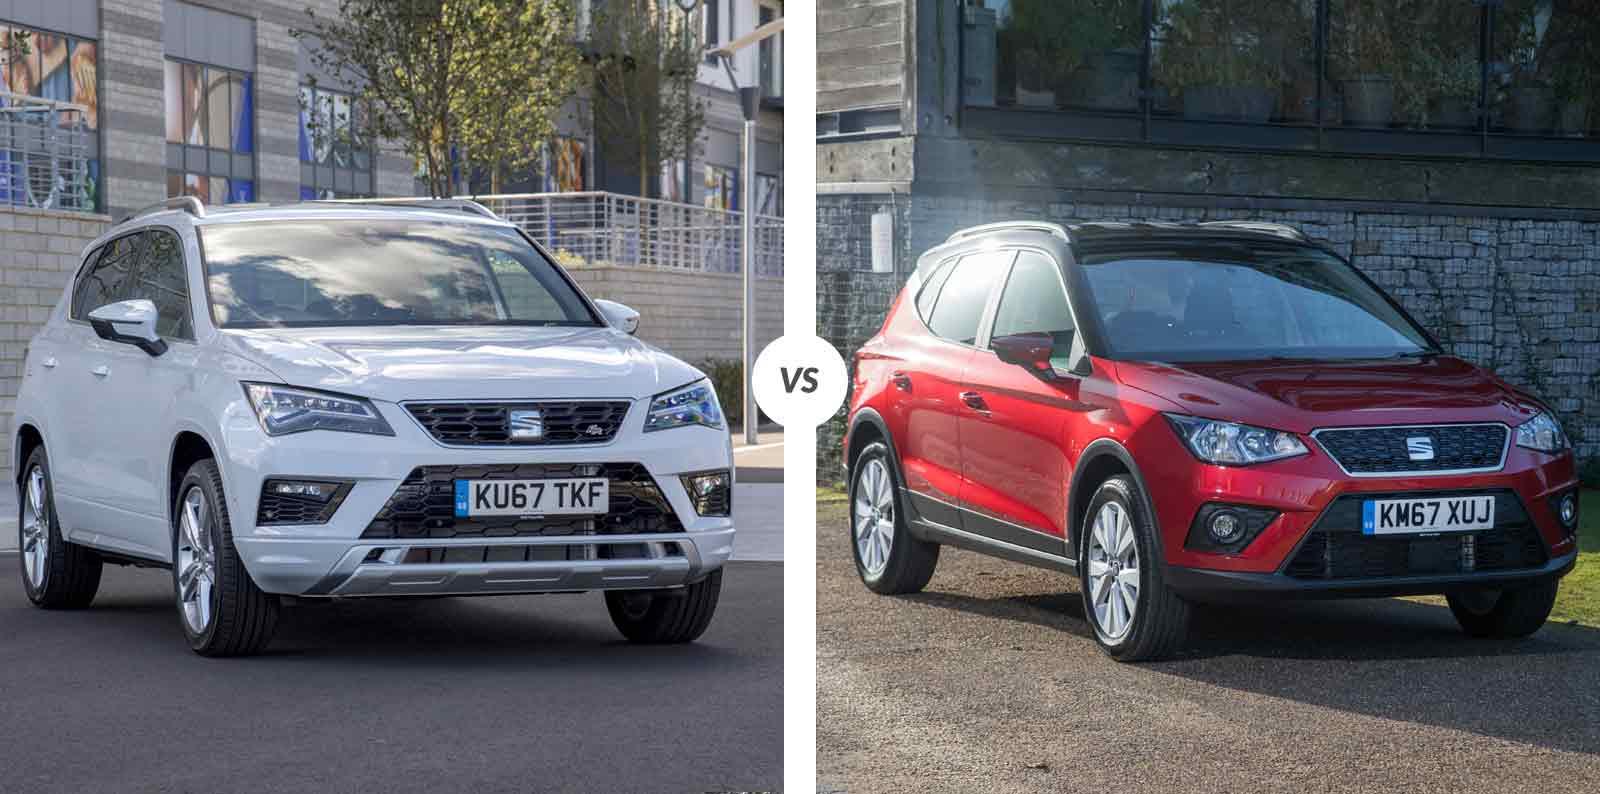 Crossover Vs Suv >> Comparativa: SEAT Ateca vs SEAT Arona | Carnovo